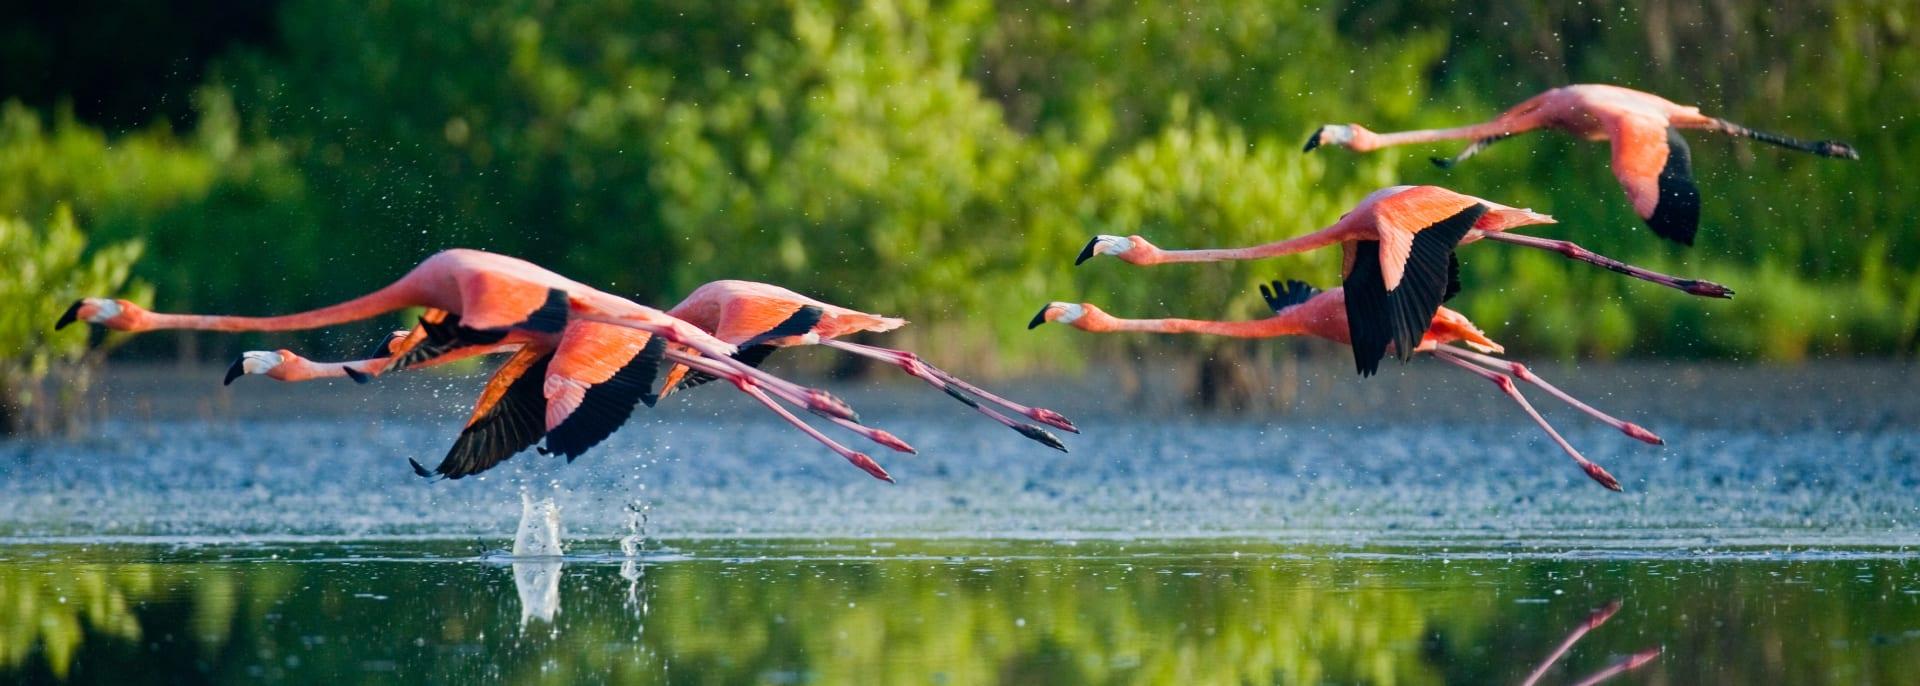 Karibische Flamingos, die mit Reflexion über Wasser fliegen. Kuba.